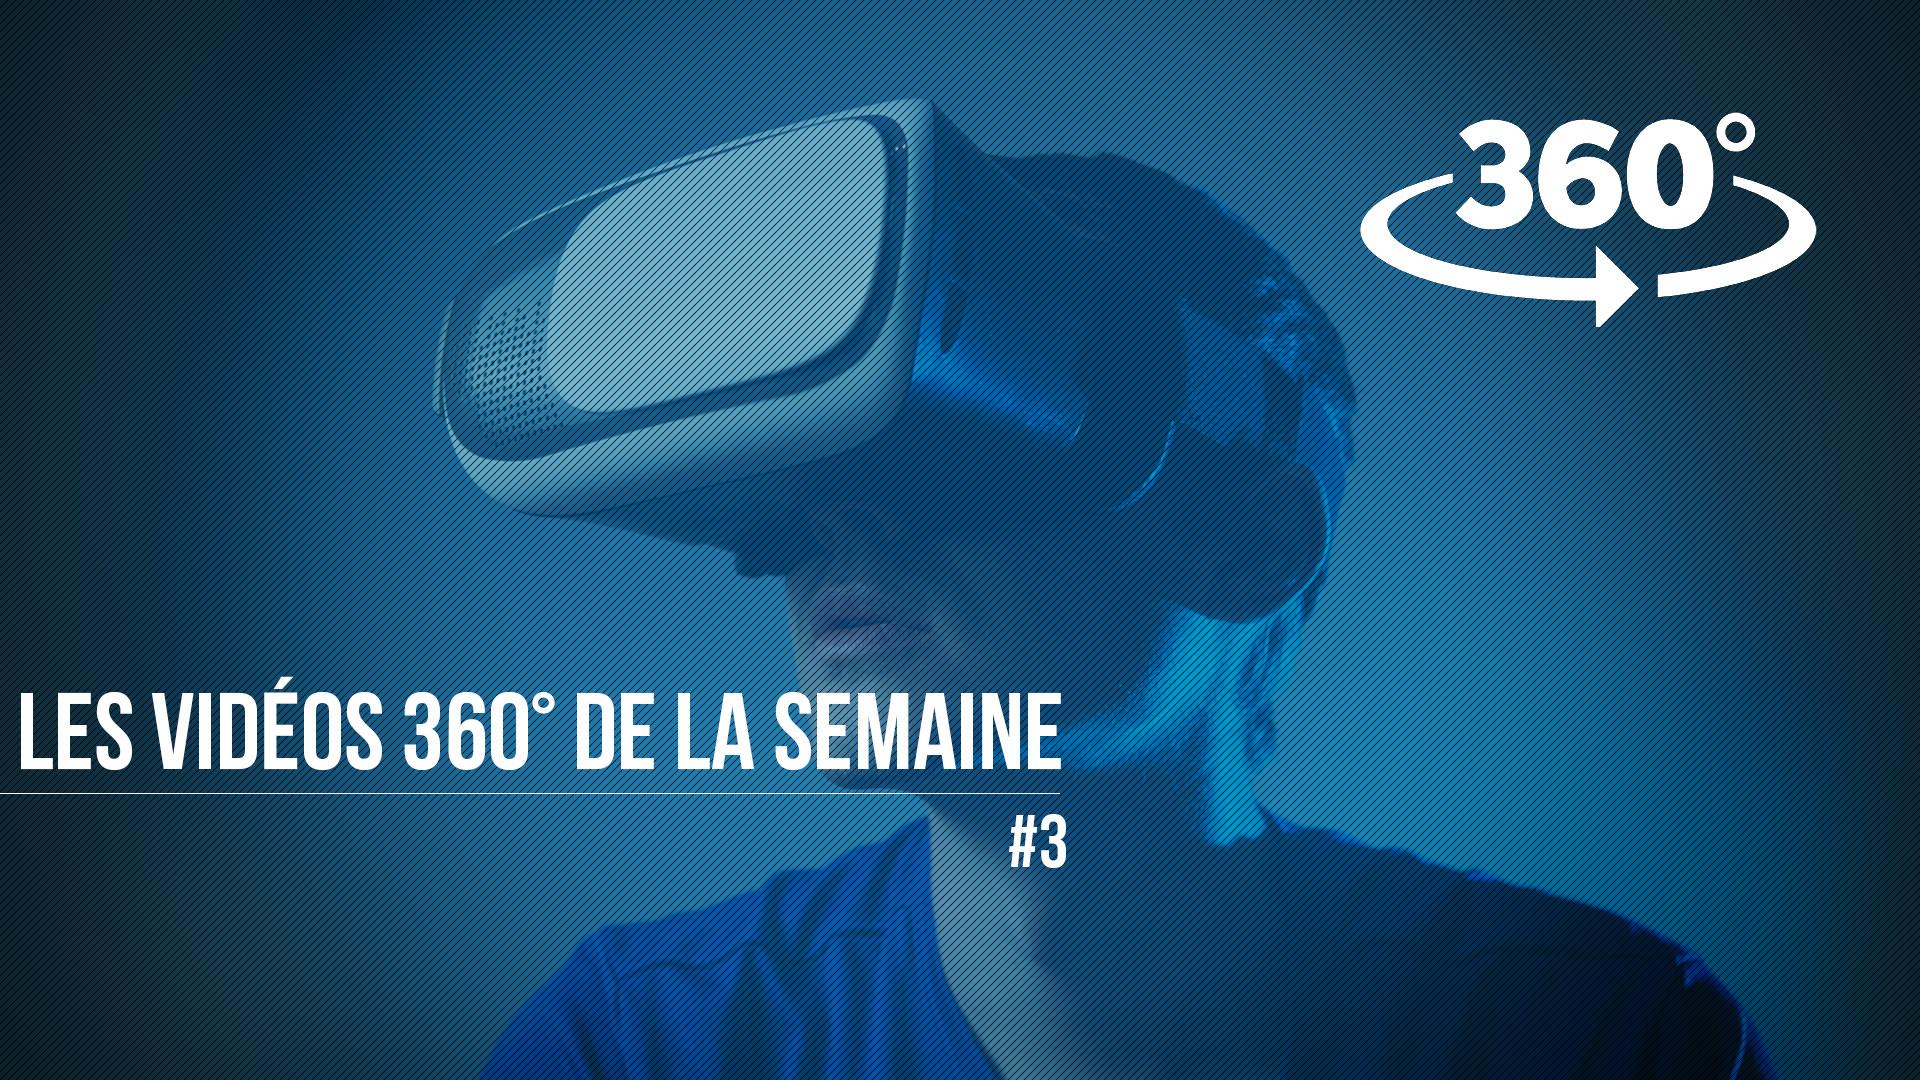 Les vidéos 360° de la semaine #3